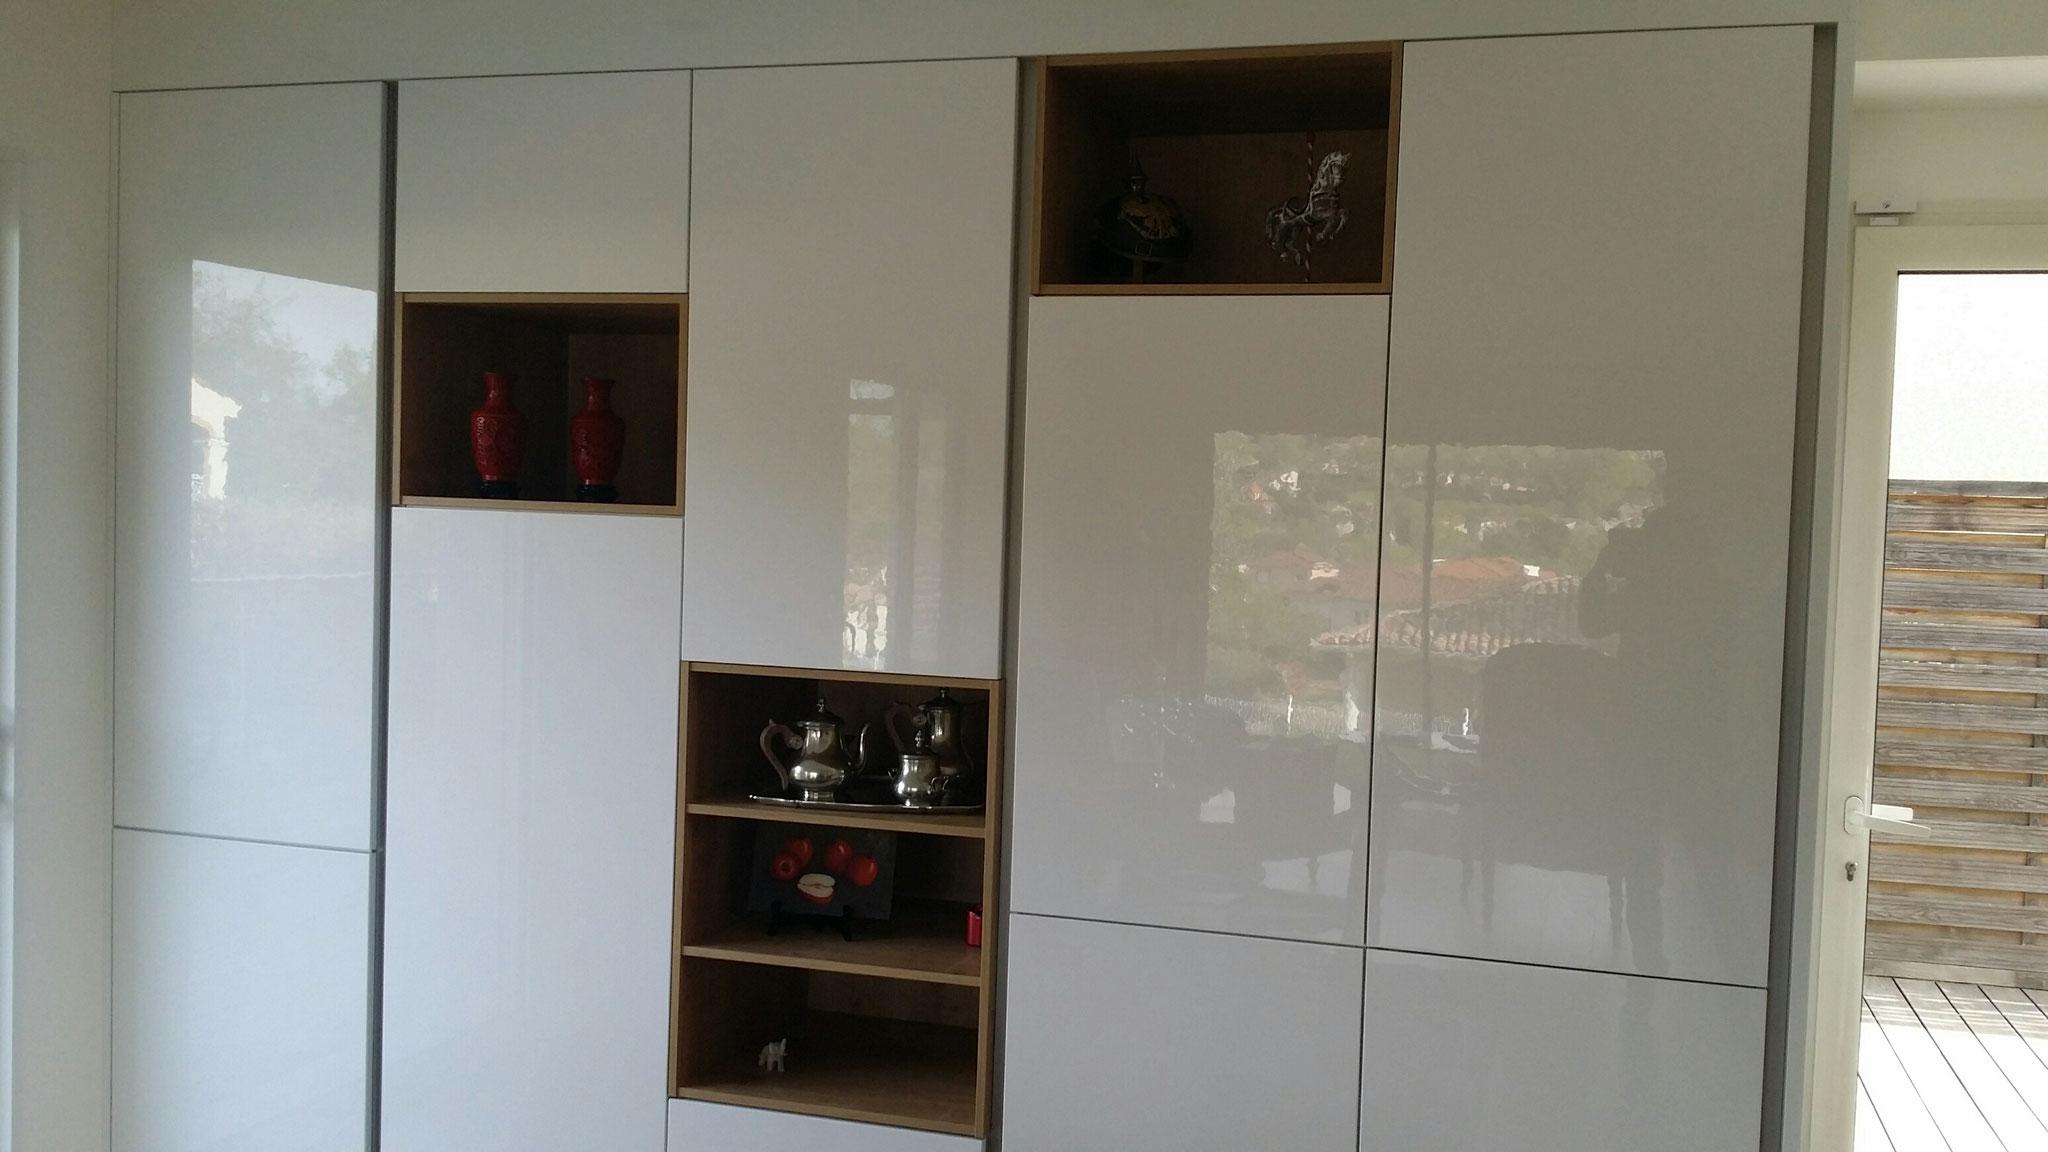 agencement d'un mur entier quand le  living  prolonge la cuisine par cuisine design Toulouse